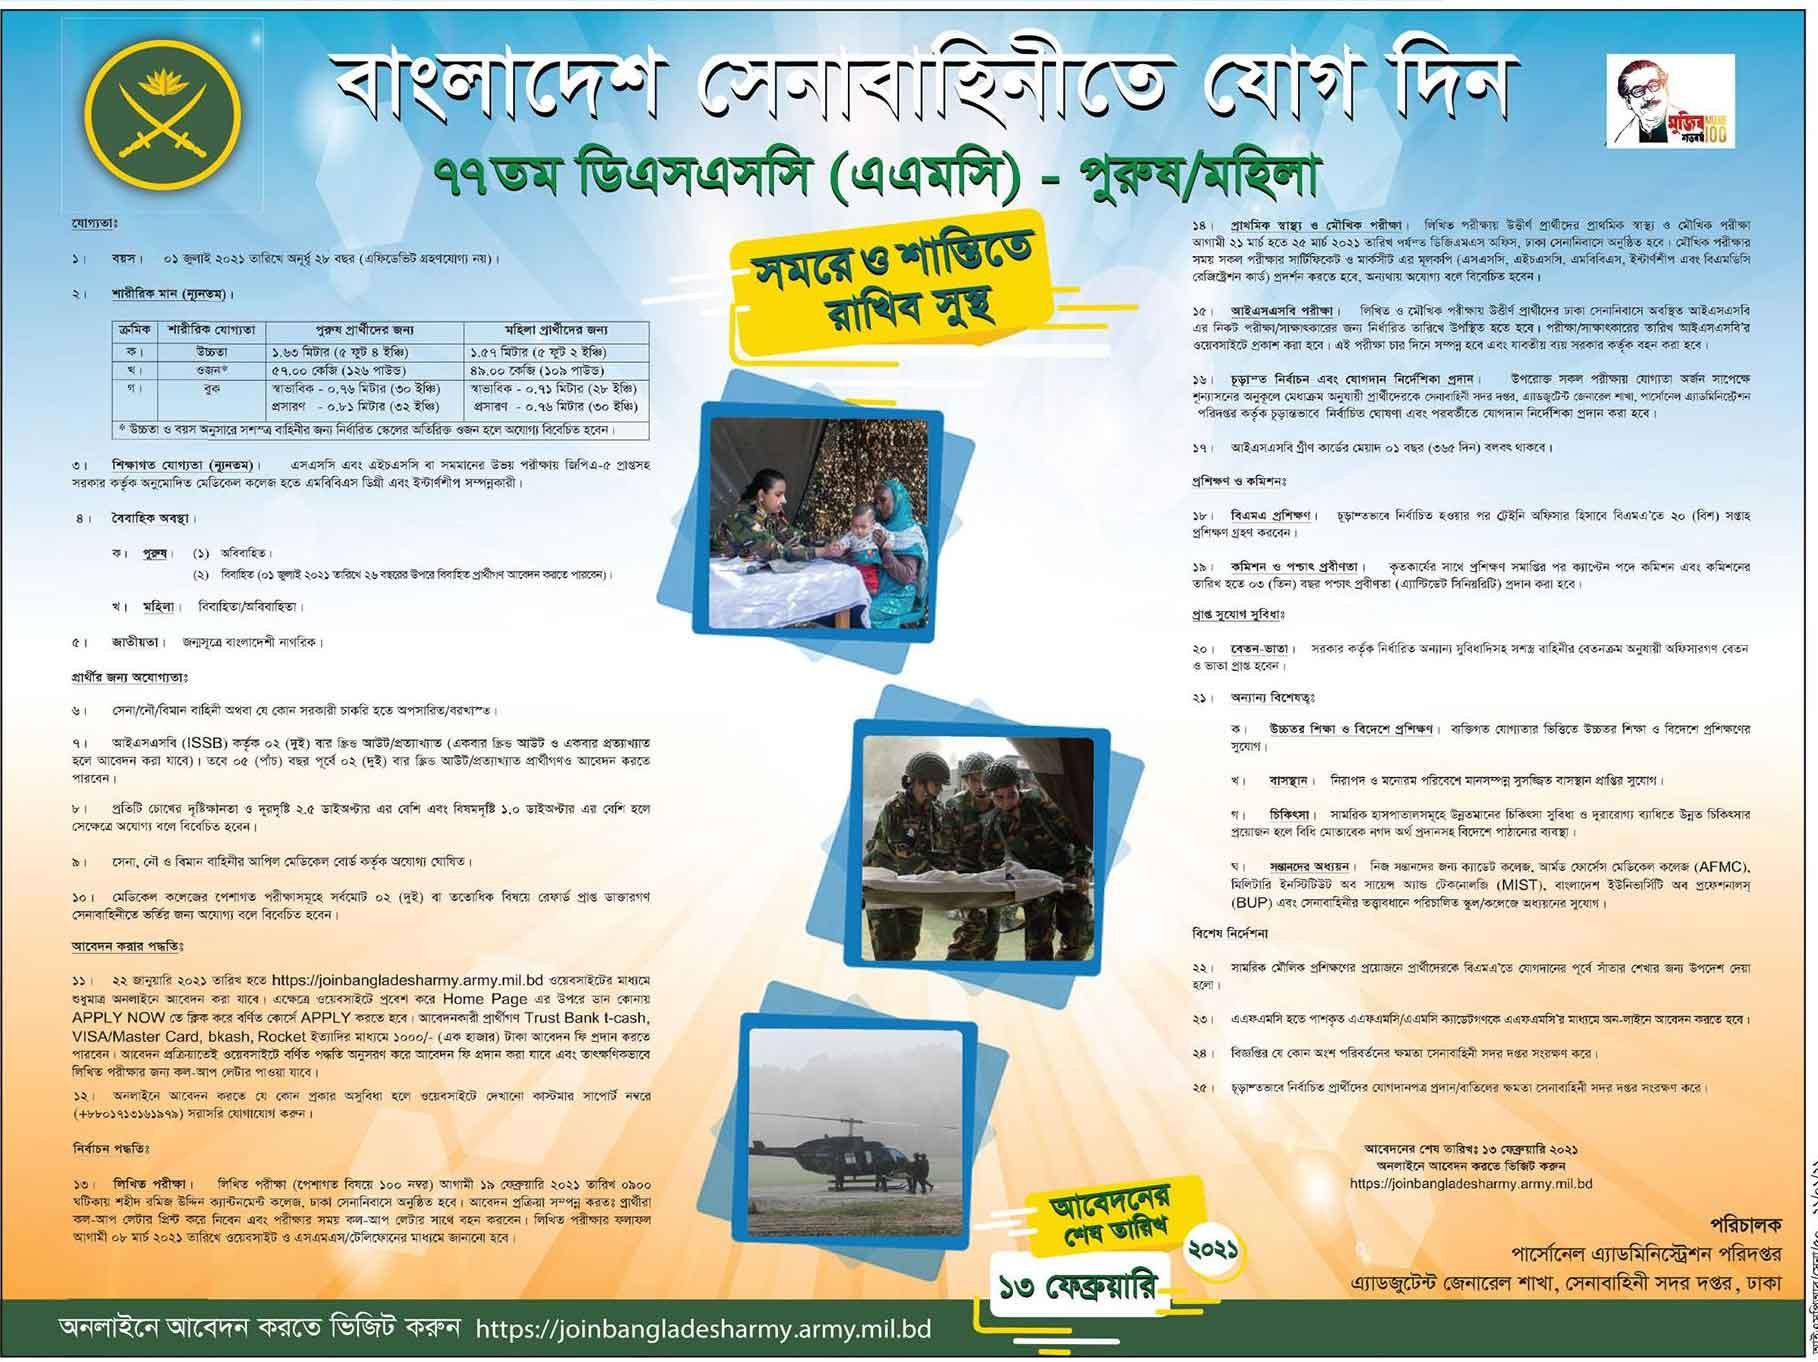 বাংলাদেশ সেনাবাহিনী নিয়োগ বিজ্ঞপ্তি ২০২১ - Bangladesh Army Job Circular 2021